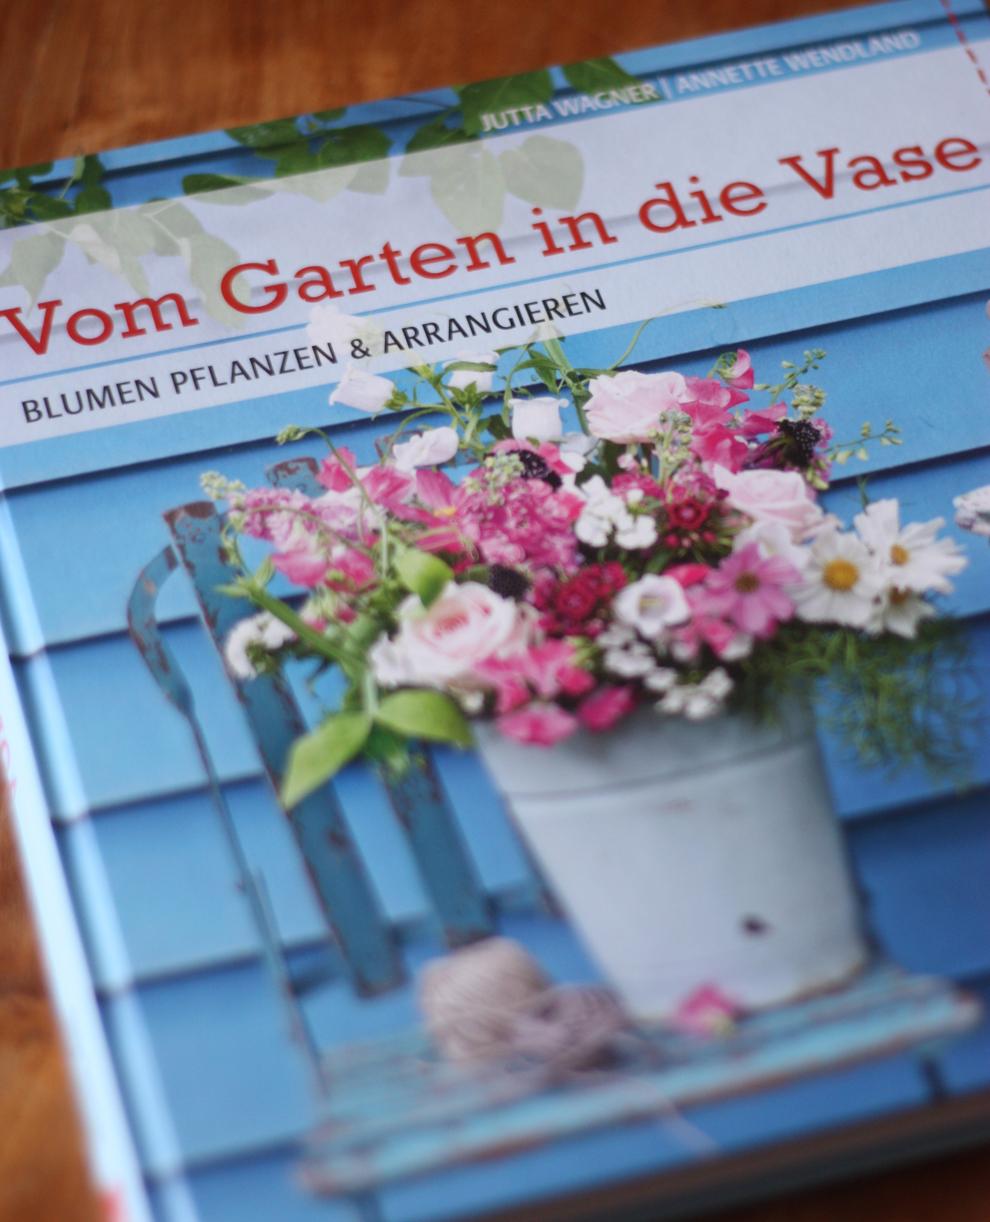 vom garten in die Vase_book_cover